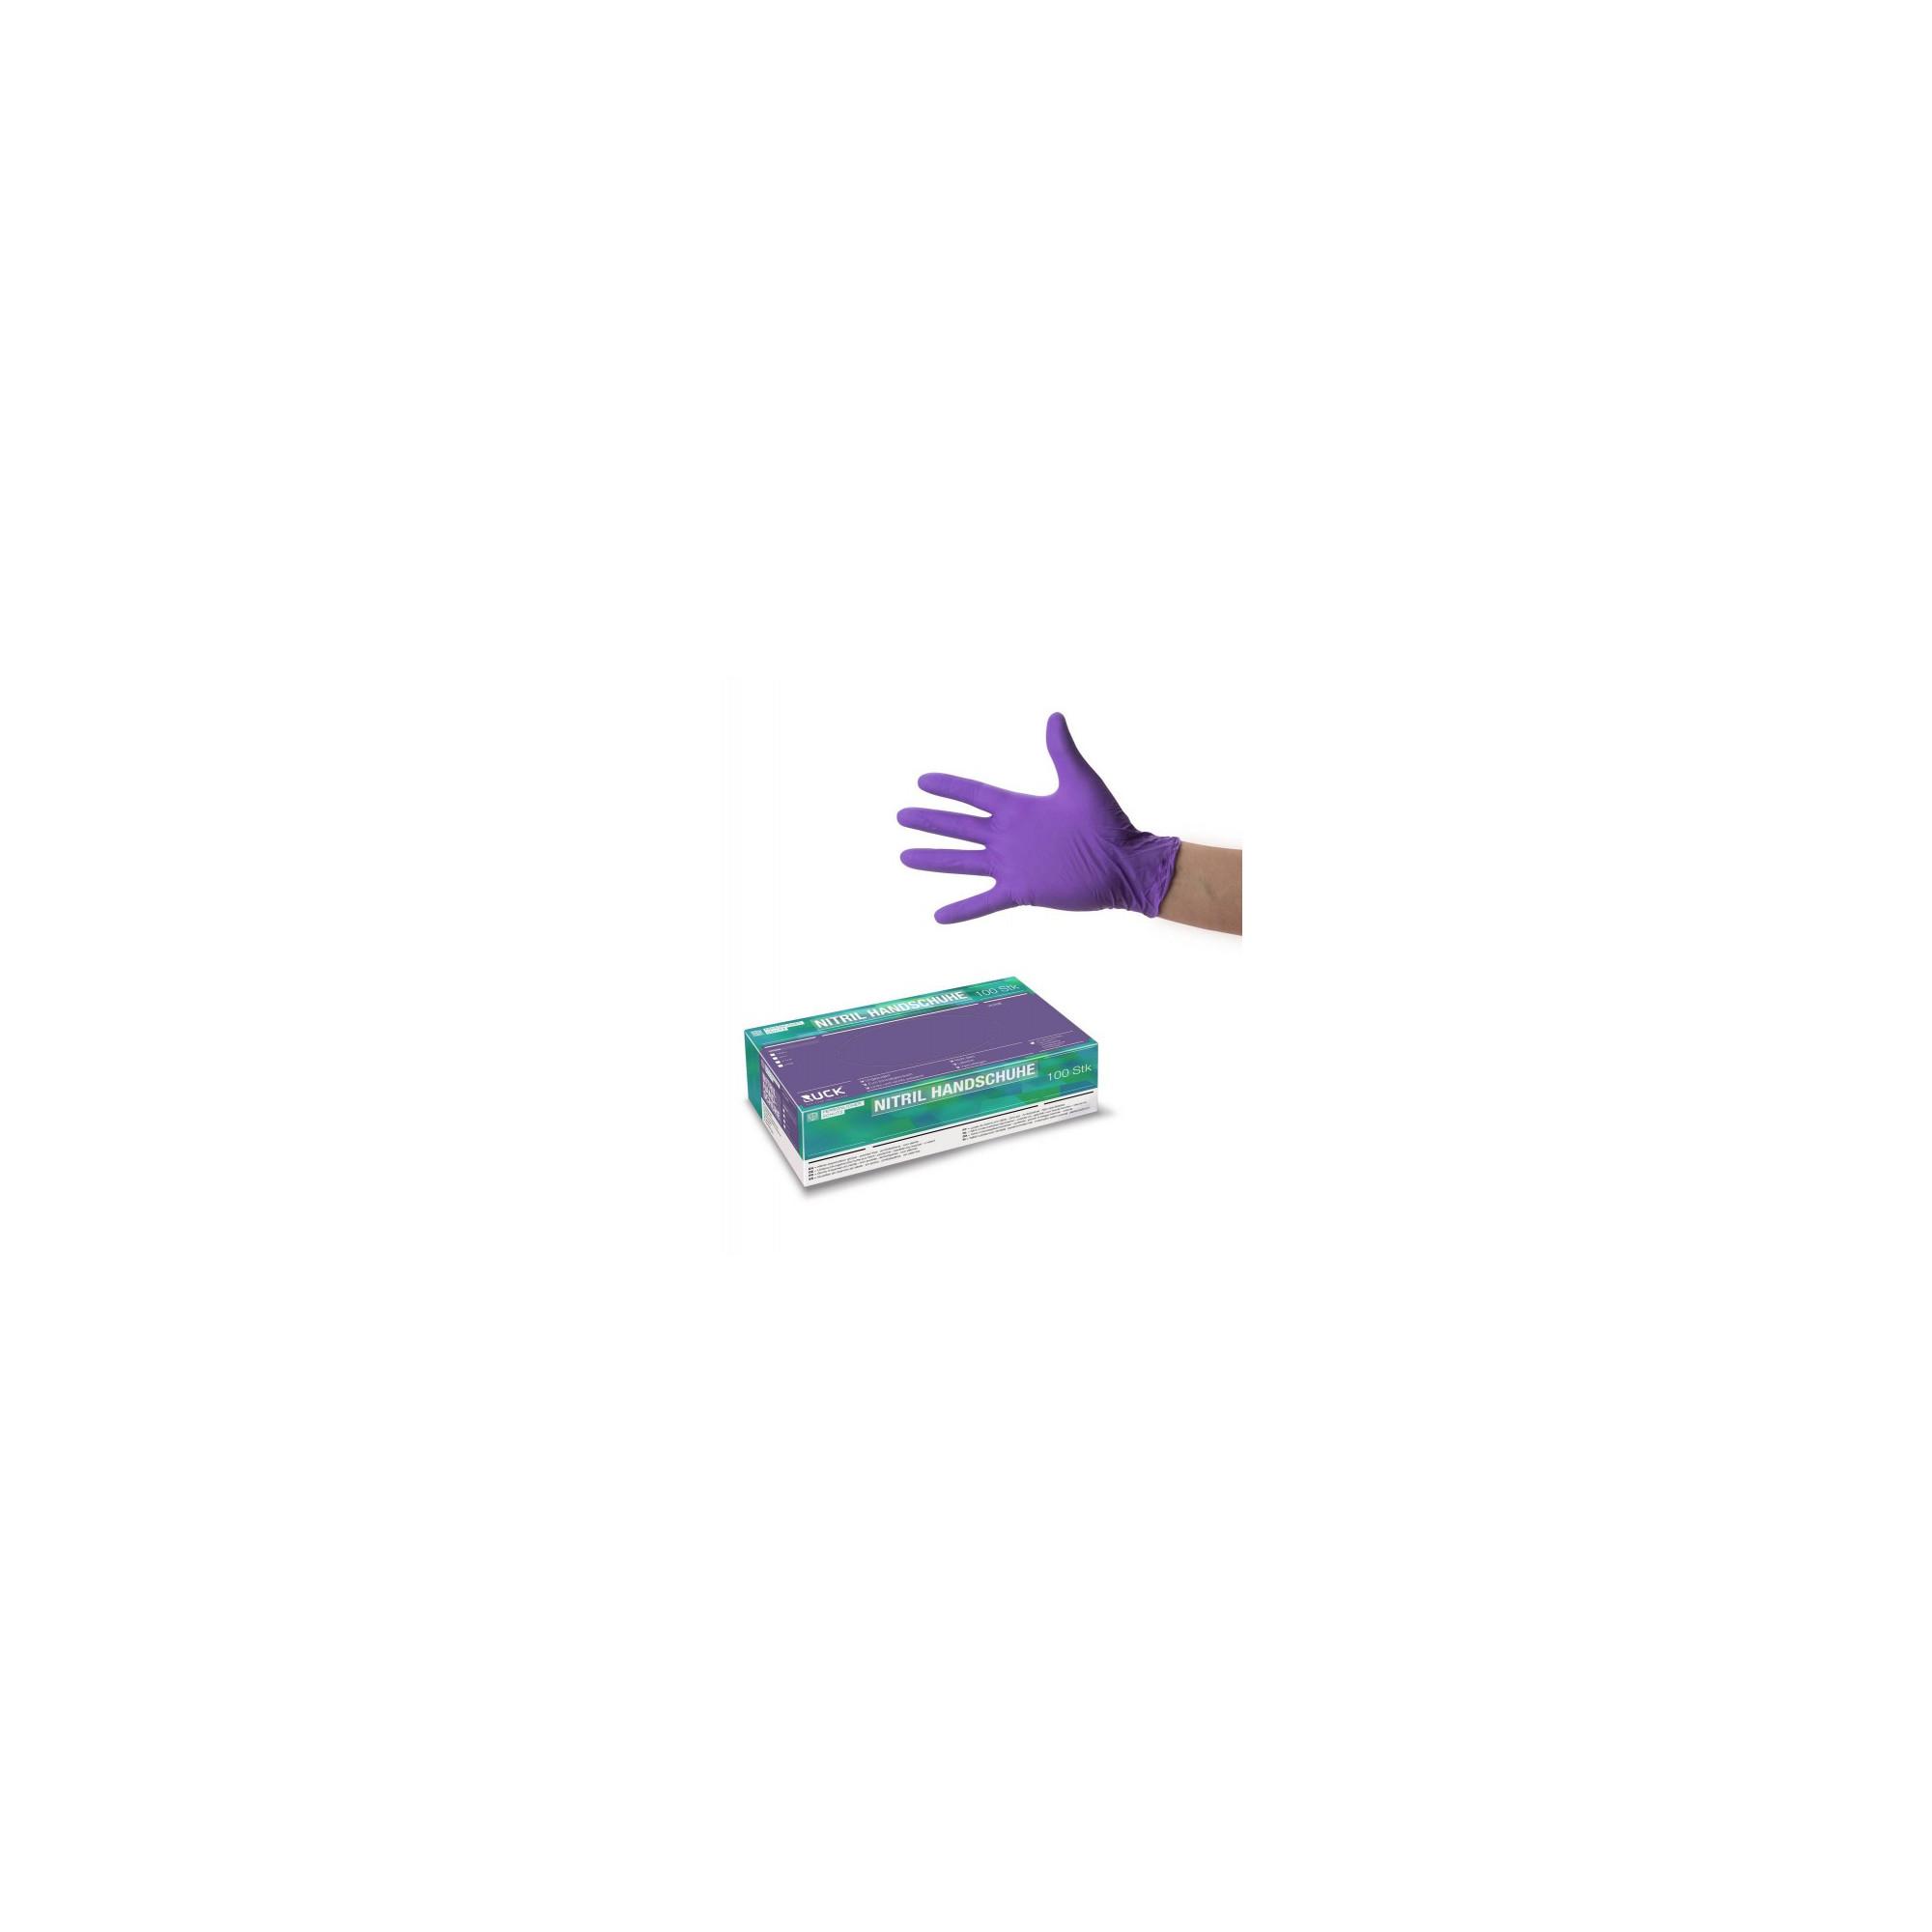 Gants sans latex non poudrés violets